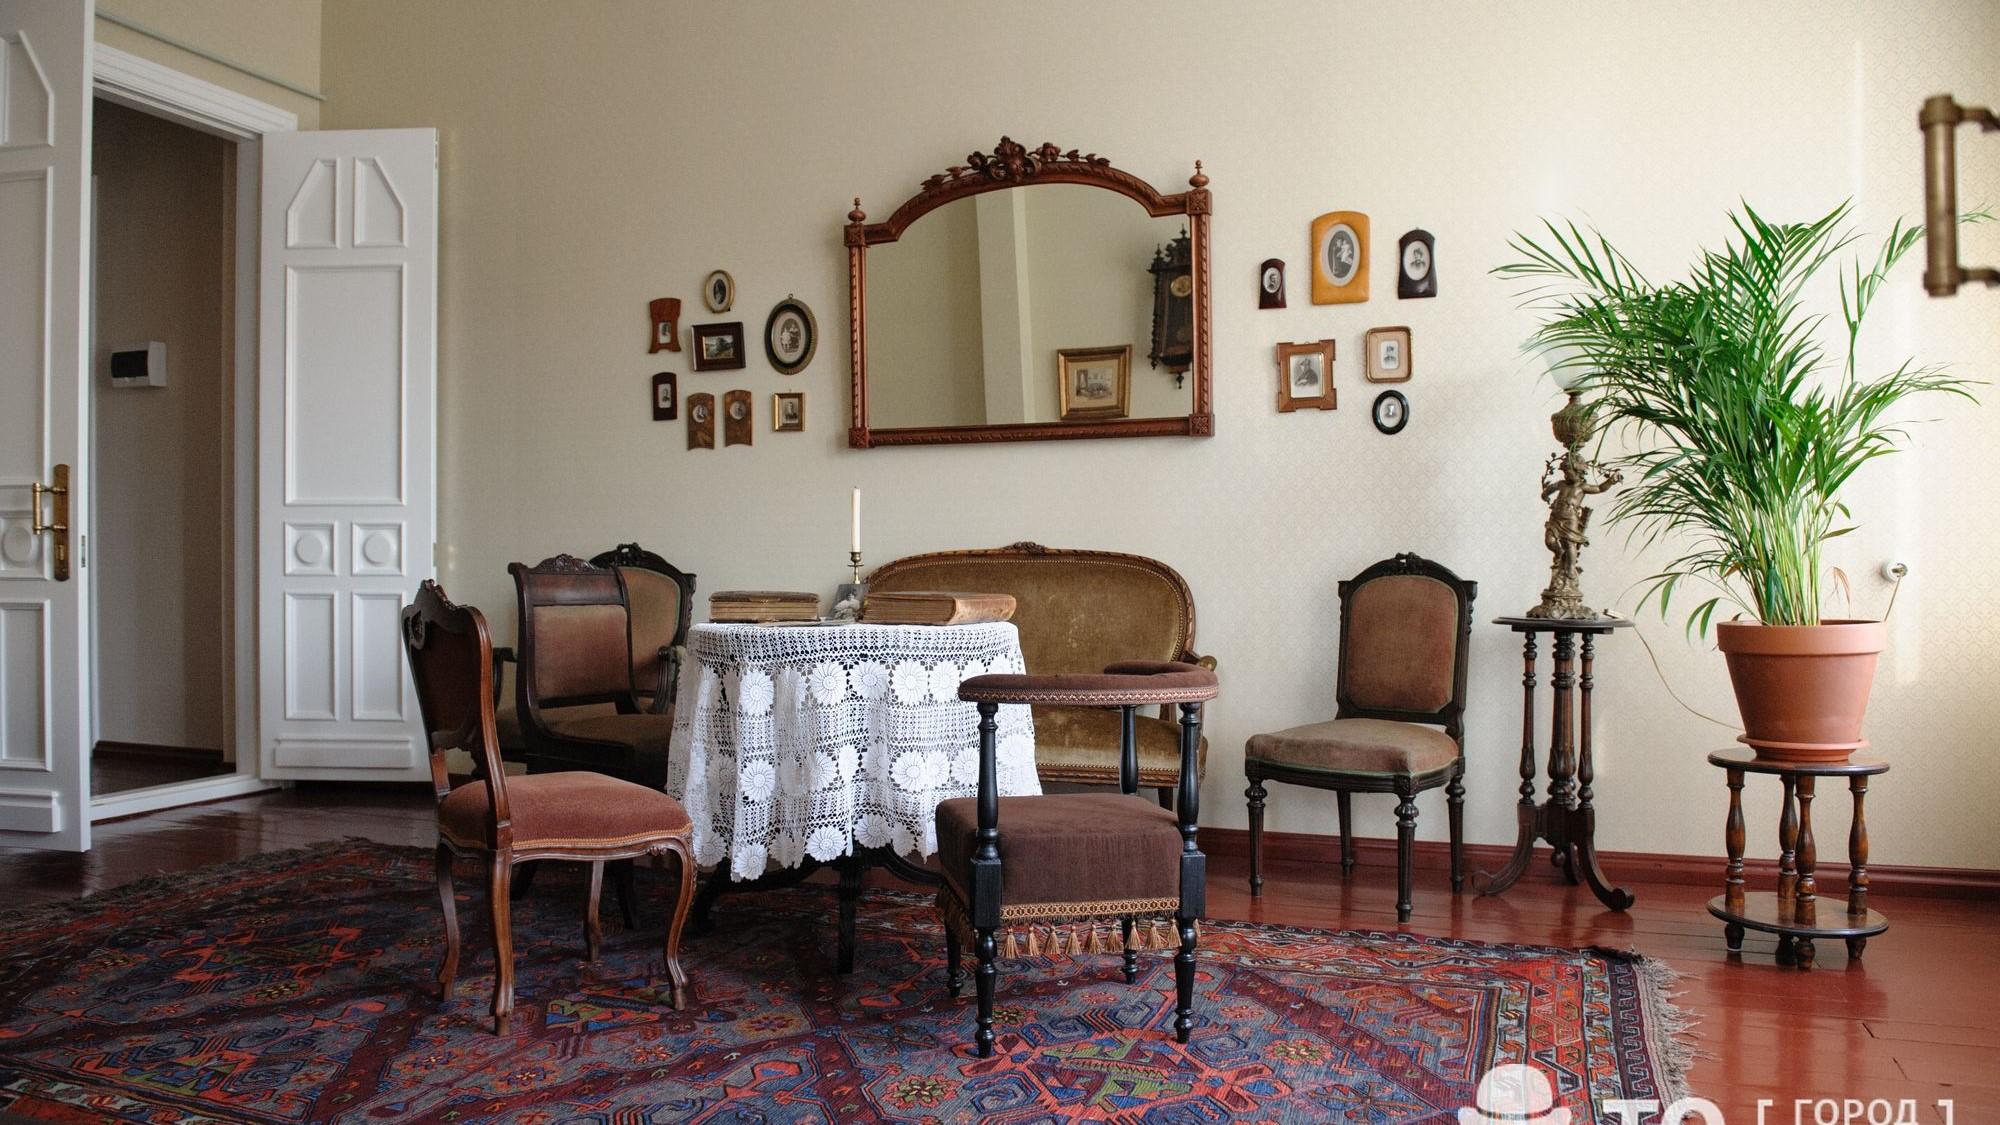 The Professor's Apartment Museum